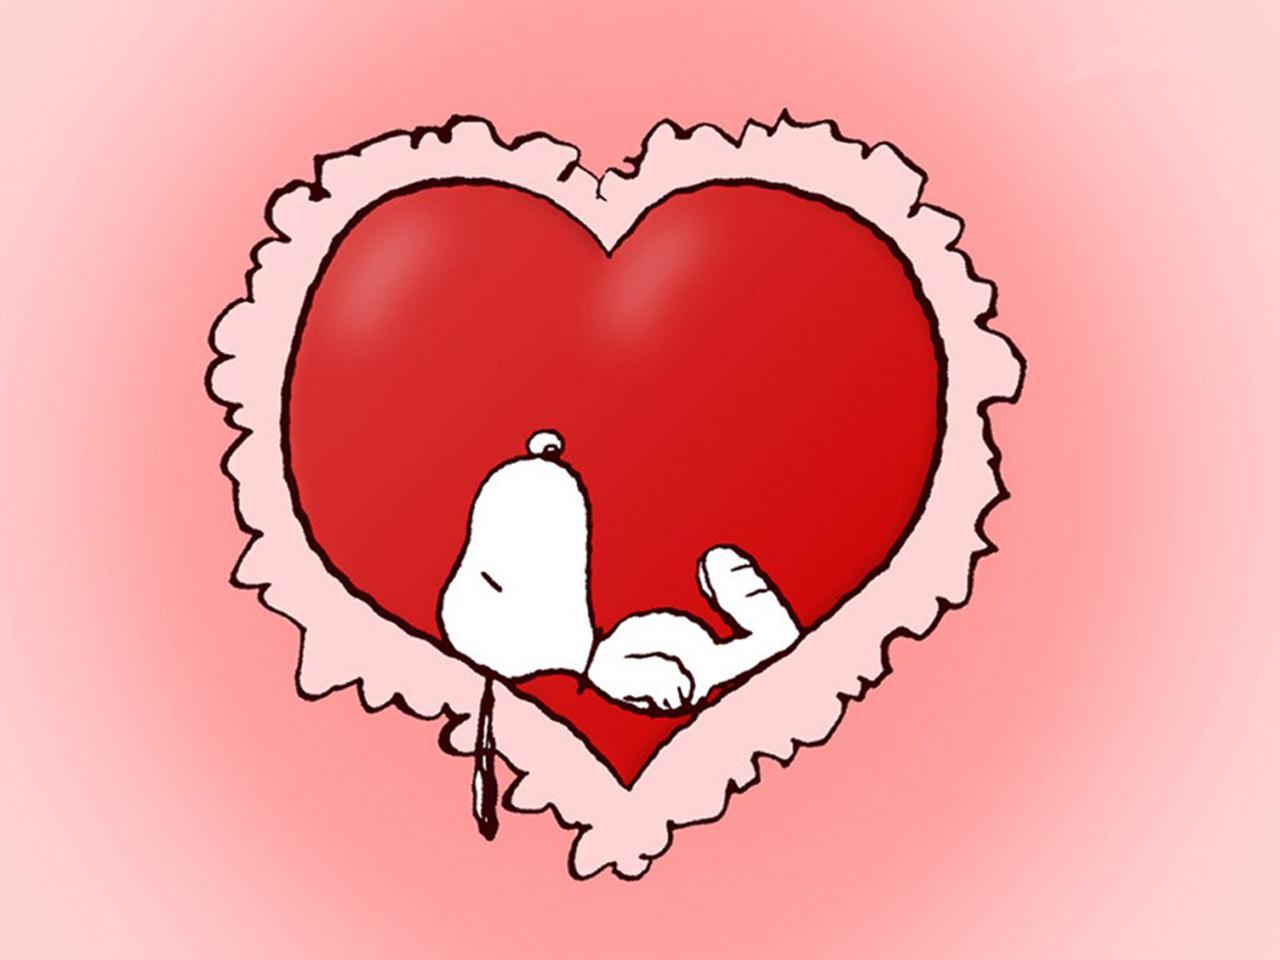 Wallpaper Snoopy acostado en un corazon 1280x960